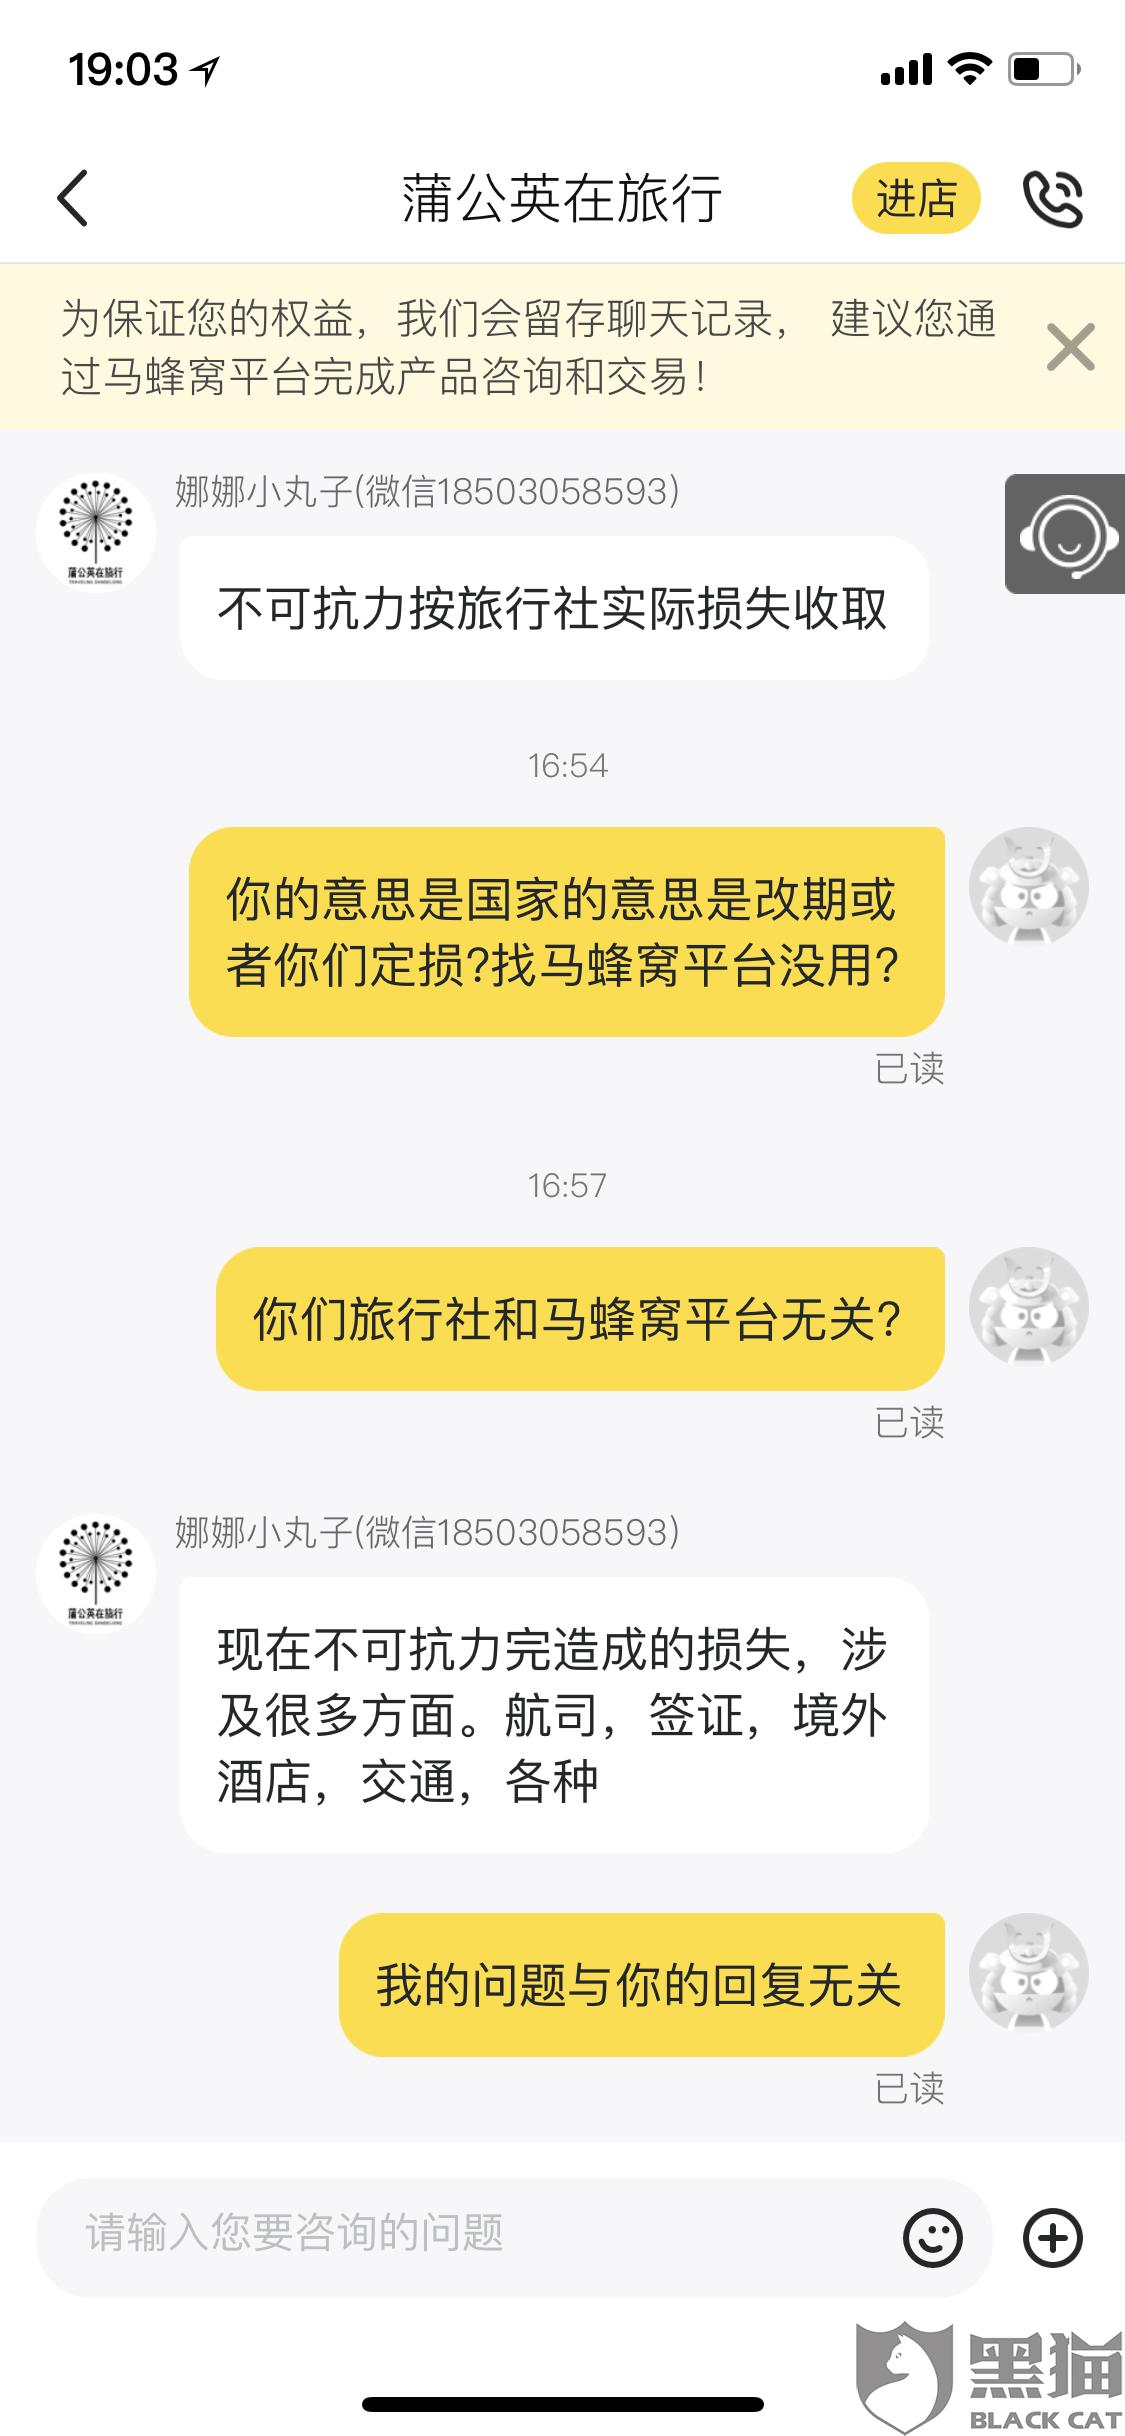 黑猫投诉:深圳深之旅国际旅行社有限公司推诿 马蜂窝不作为